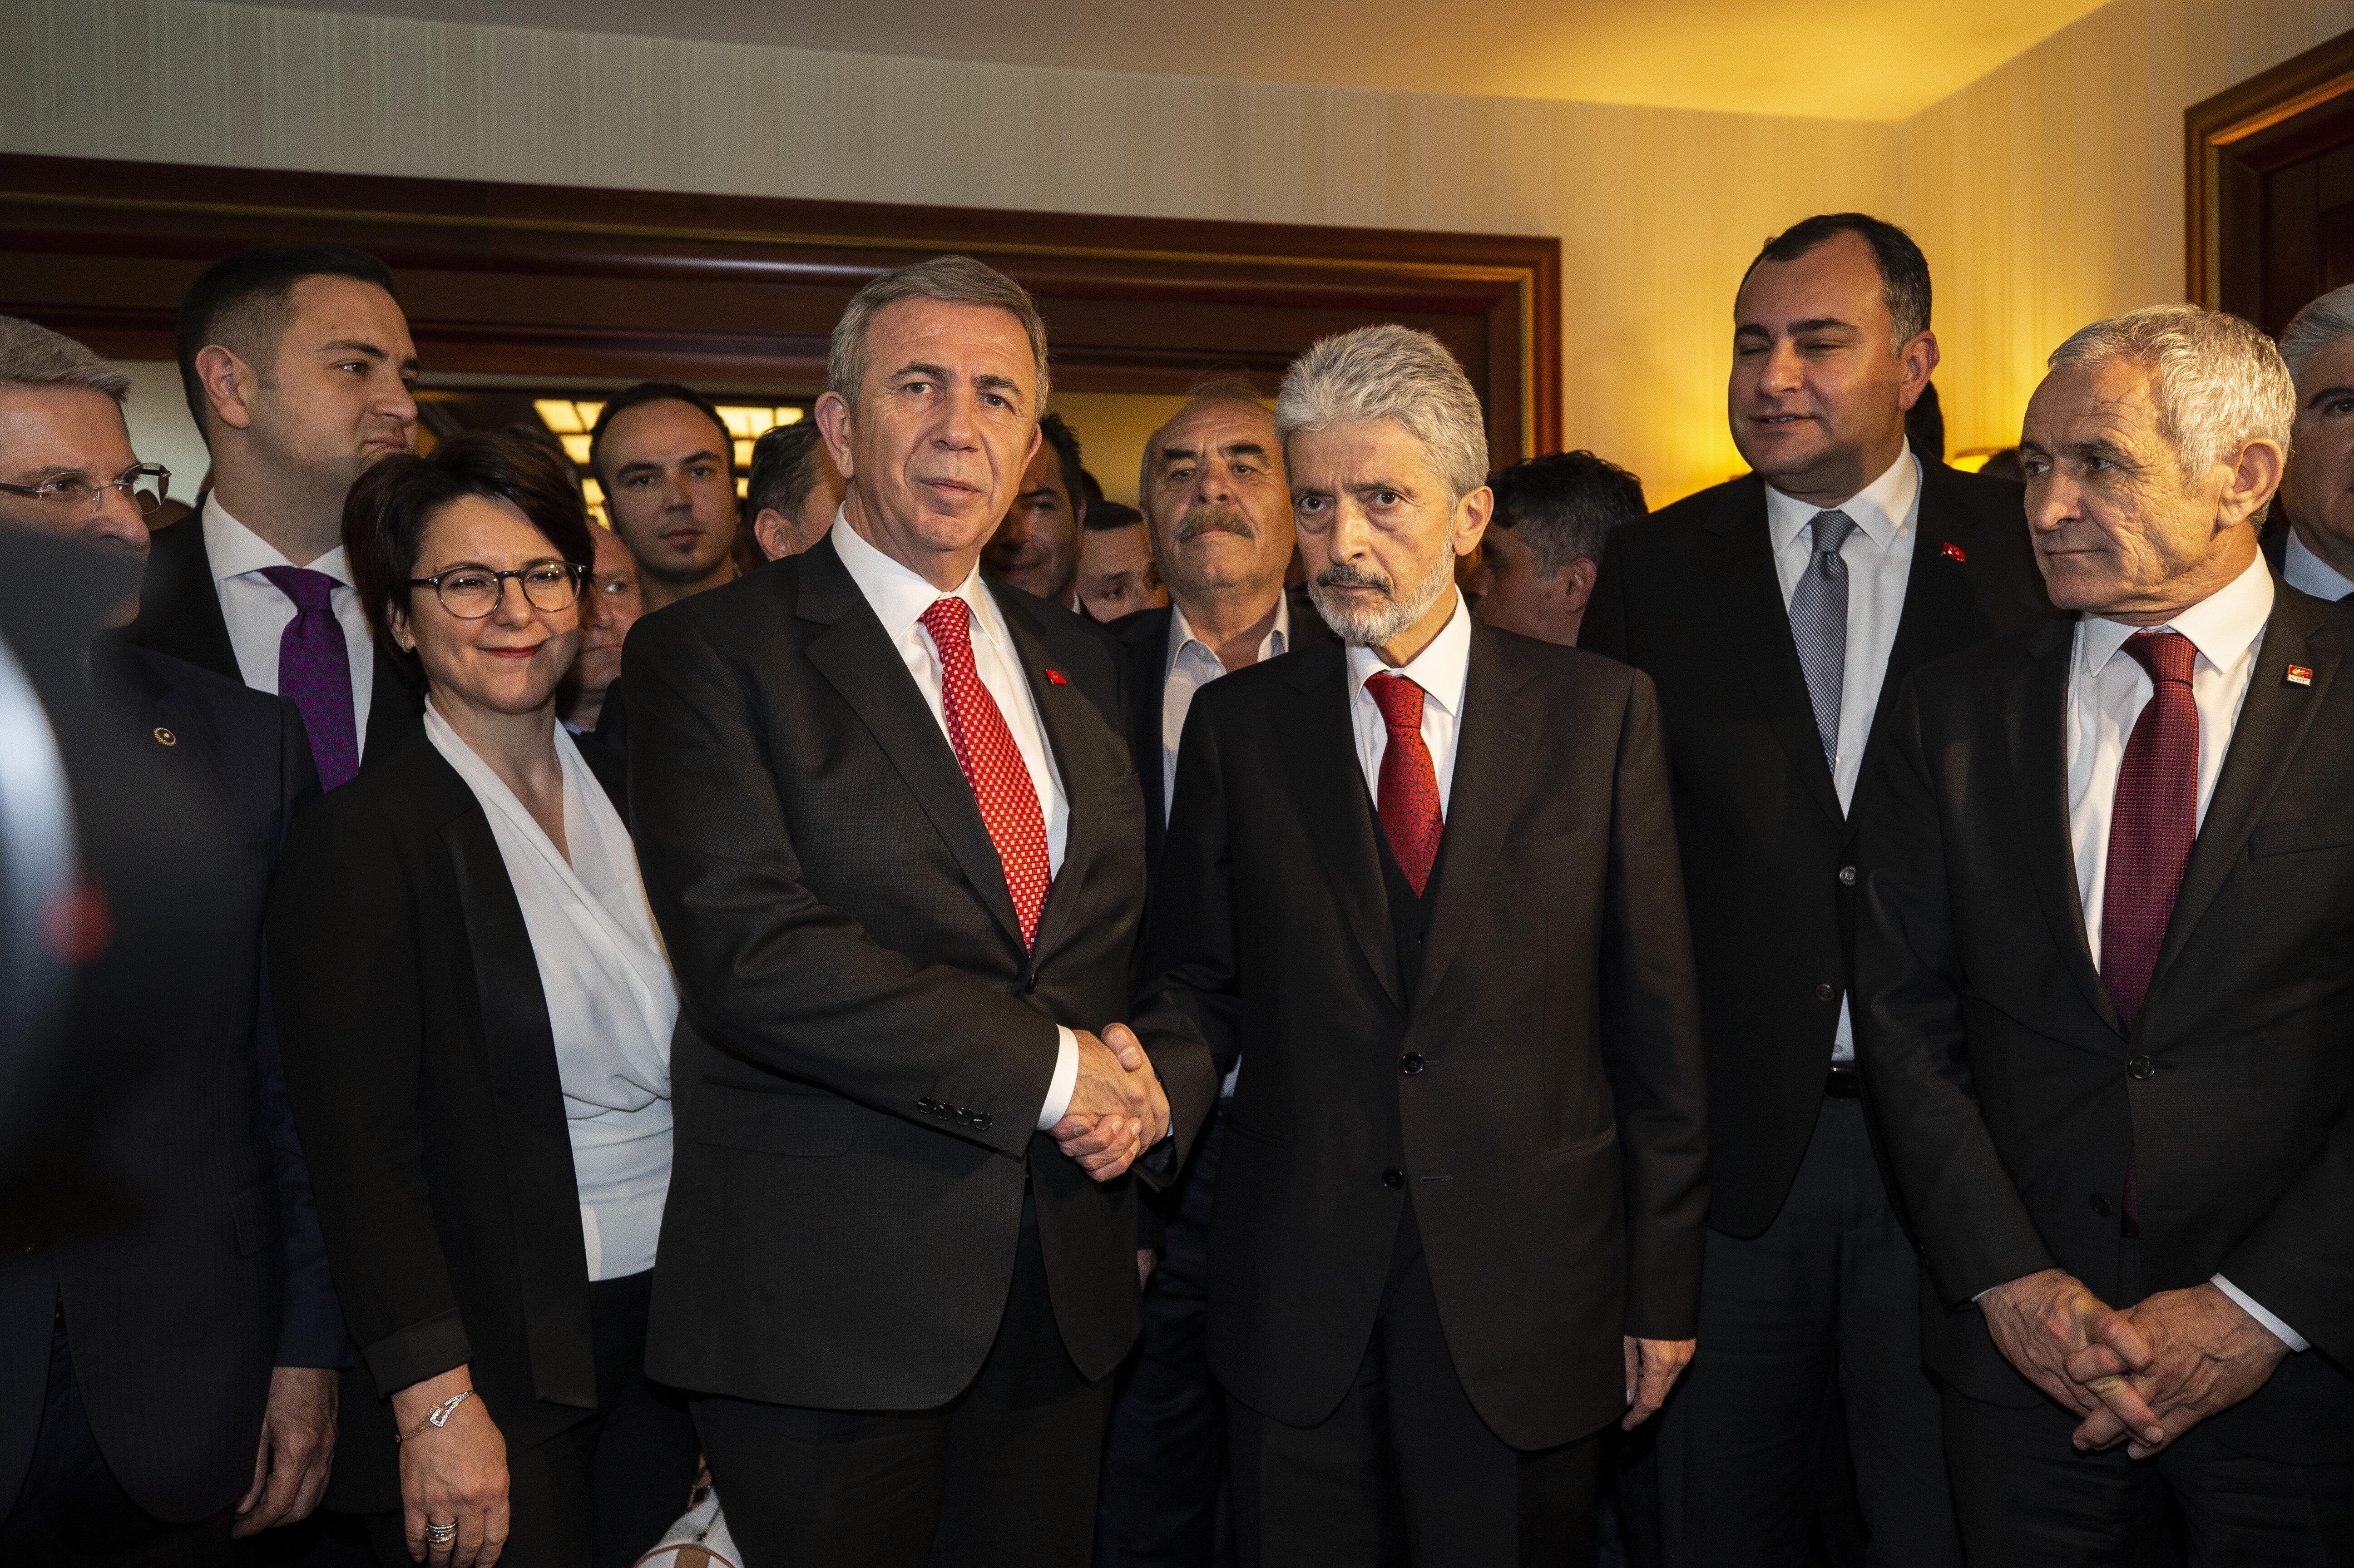 بالصور.. بشكل ديمقراطي مرشح المعارضة الفائز يتسلم بلدية أنقرة من سلفه